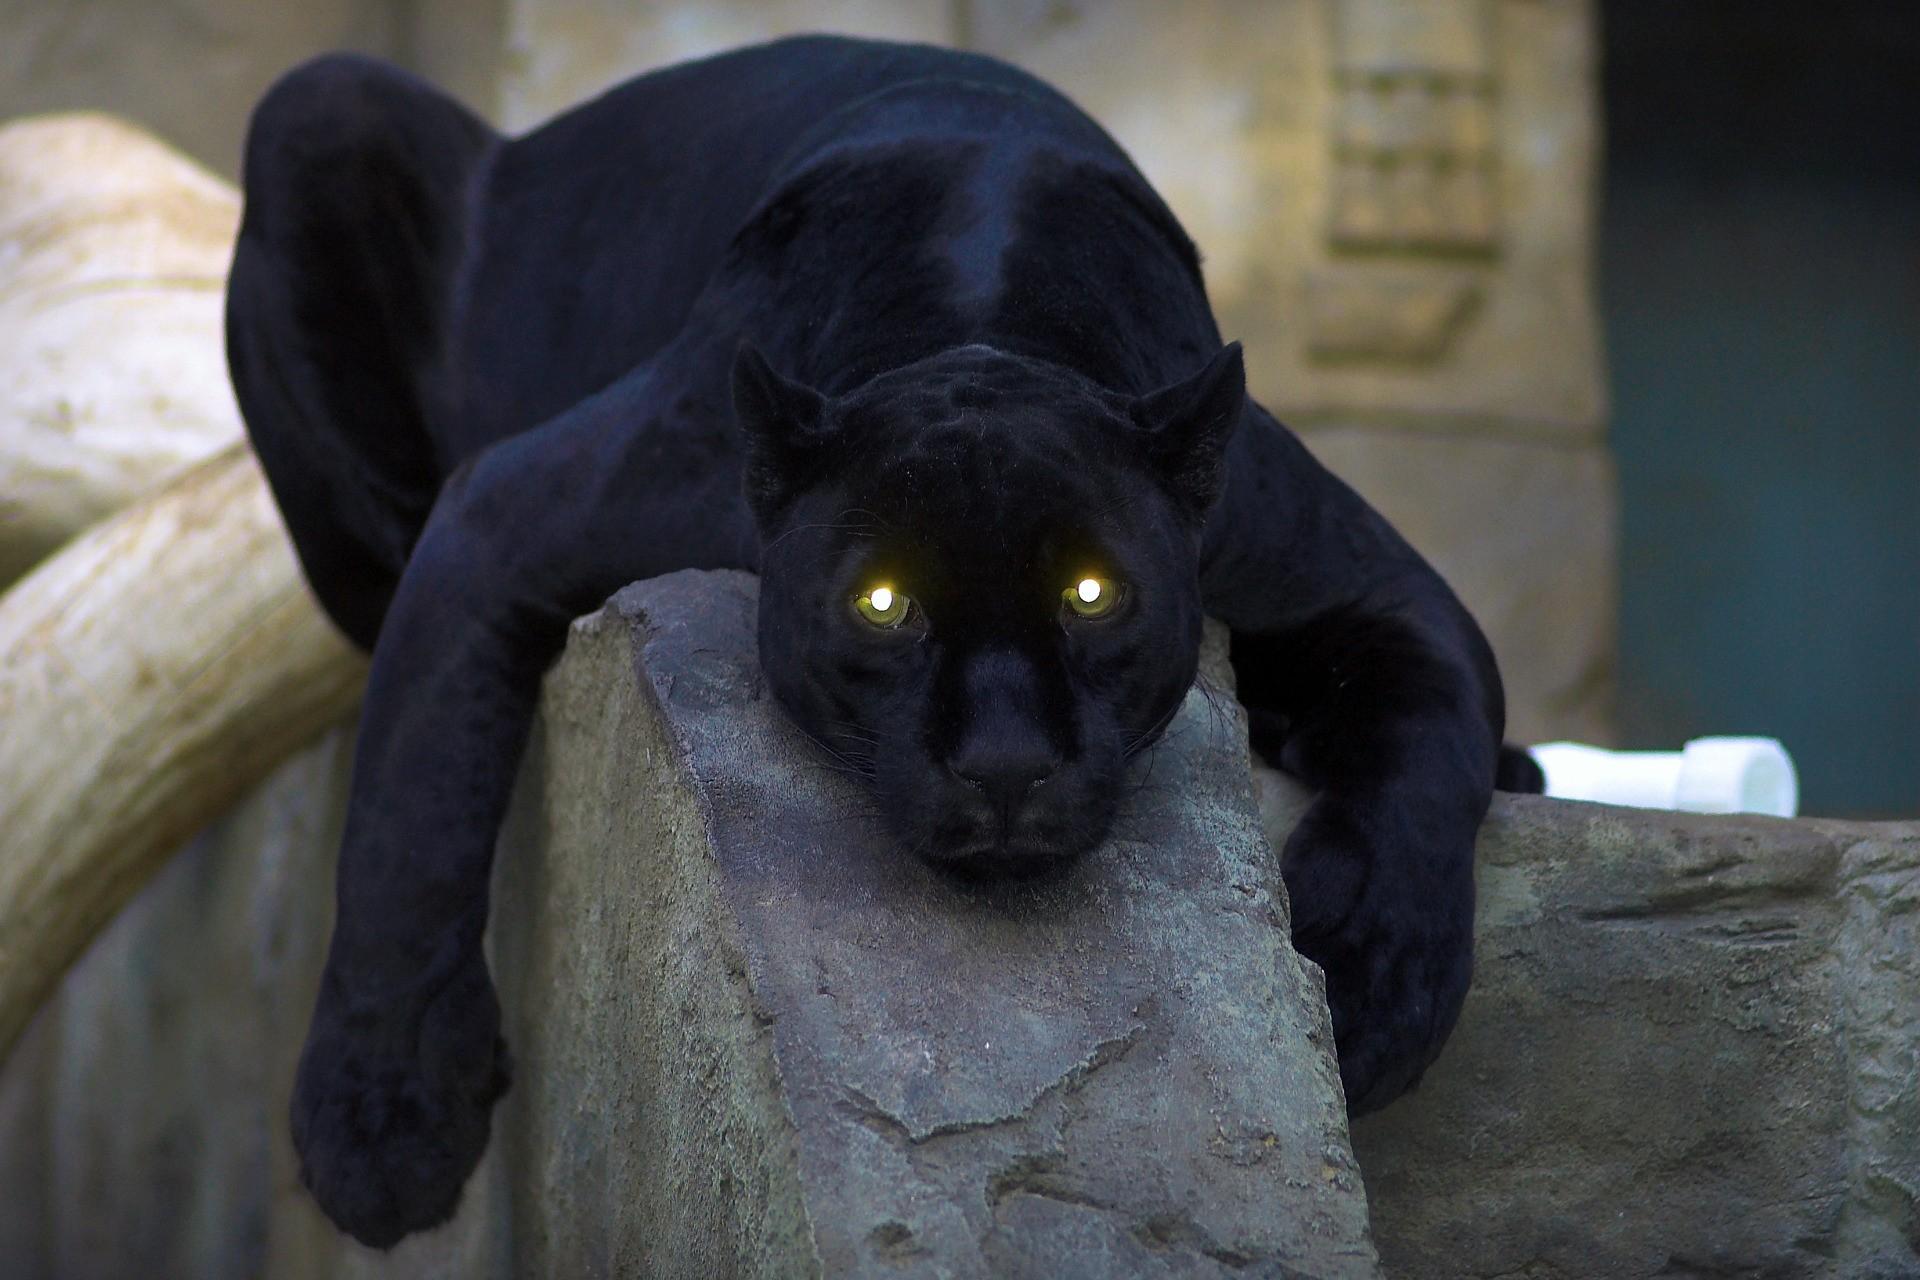 Sfondi scultura statua pantera nera arte fauna - Lettere stampabili di medie dimensioni ...